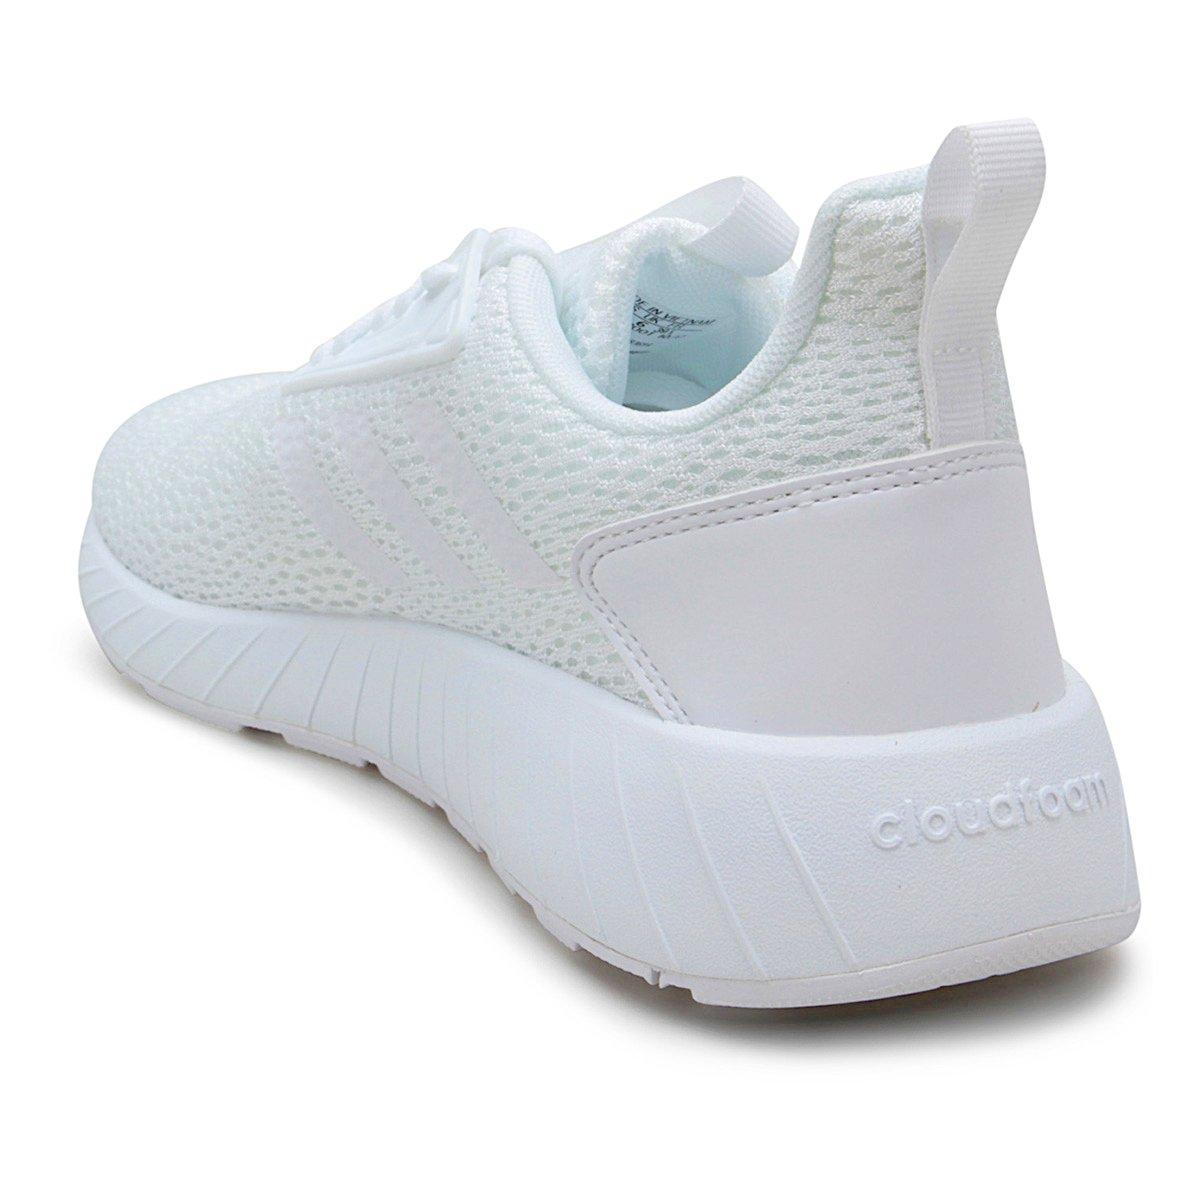 88a5a696ca Tênis Adidas Response Drive W Feminina - Branco - Compre Agora